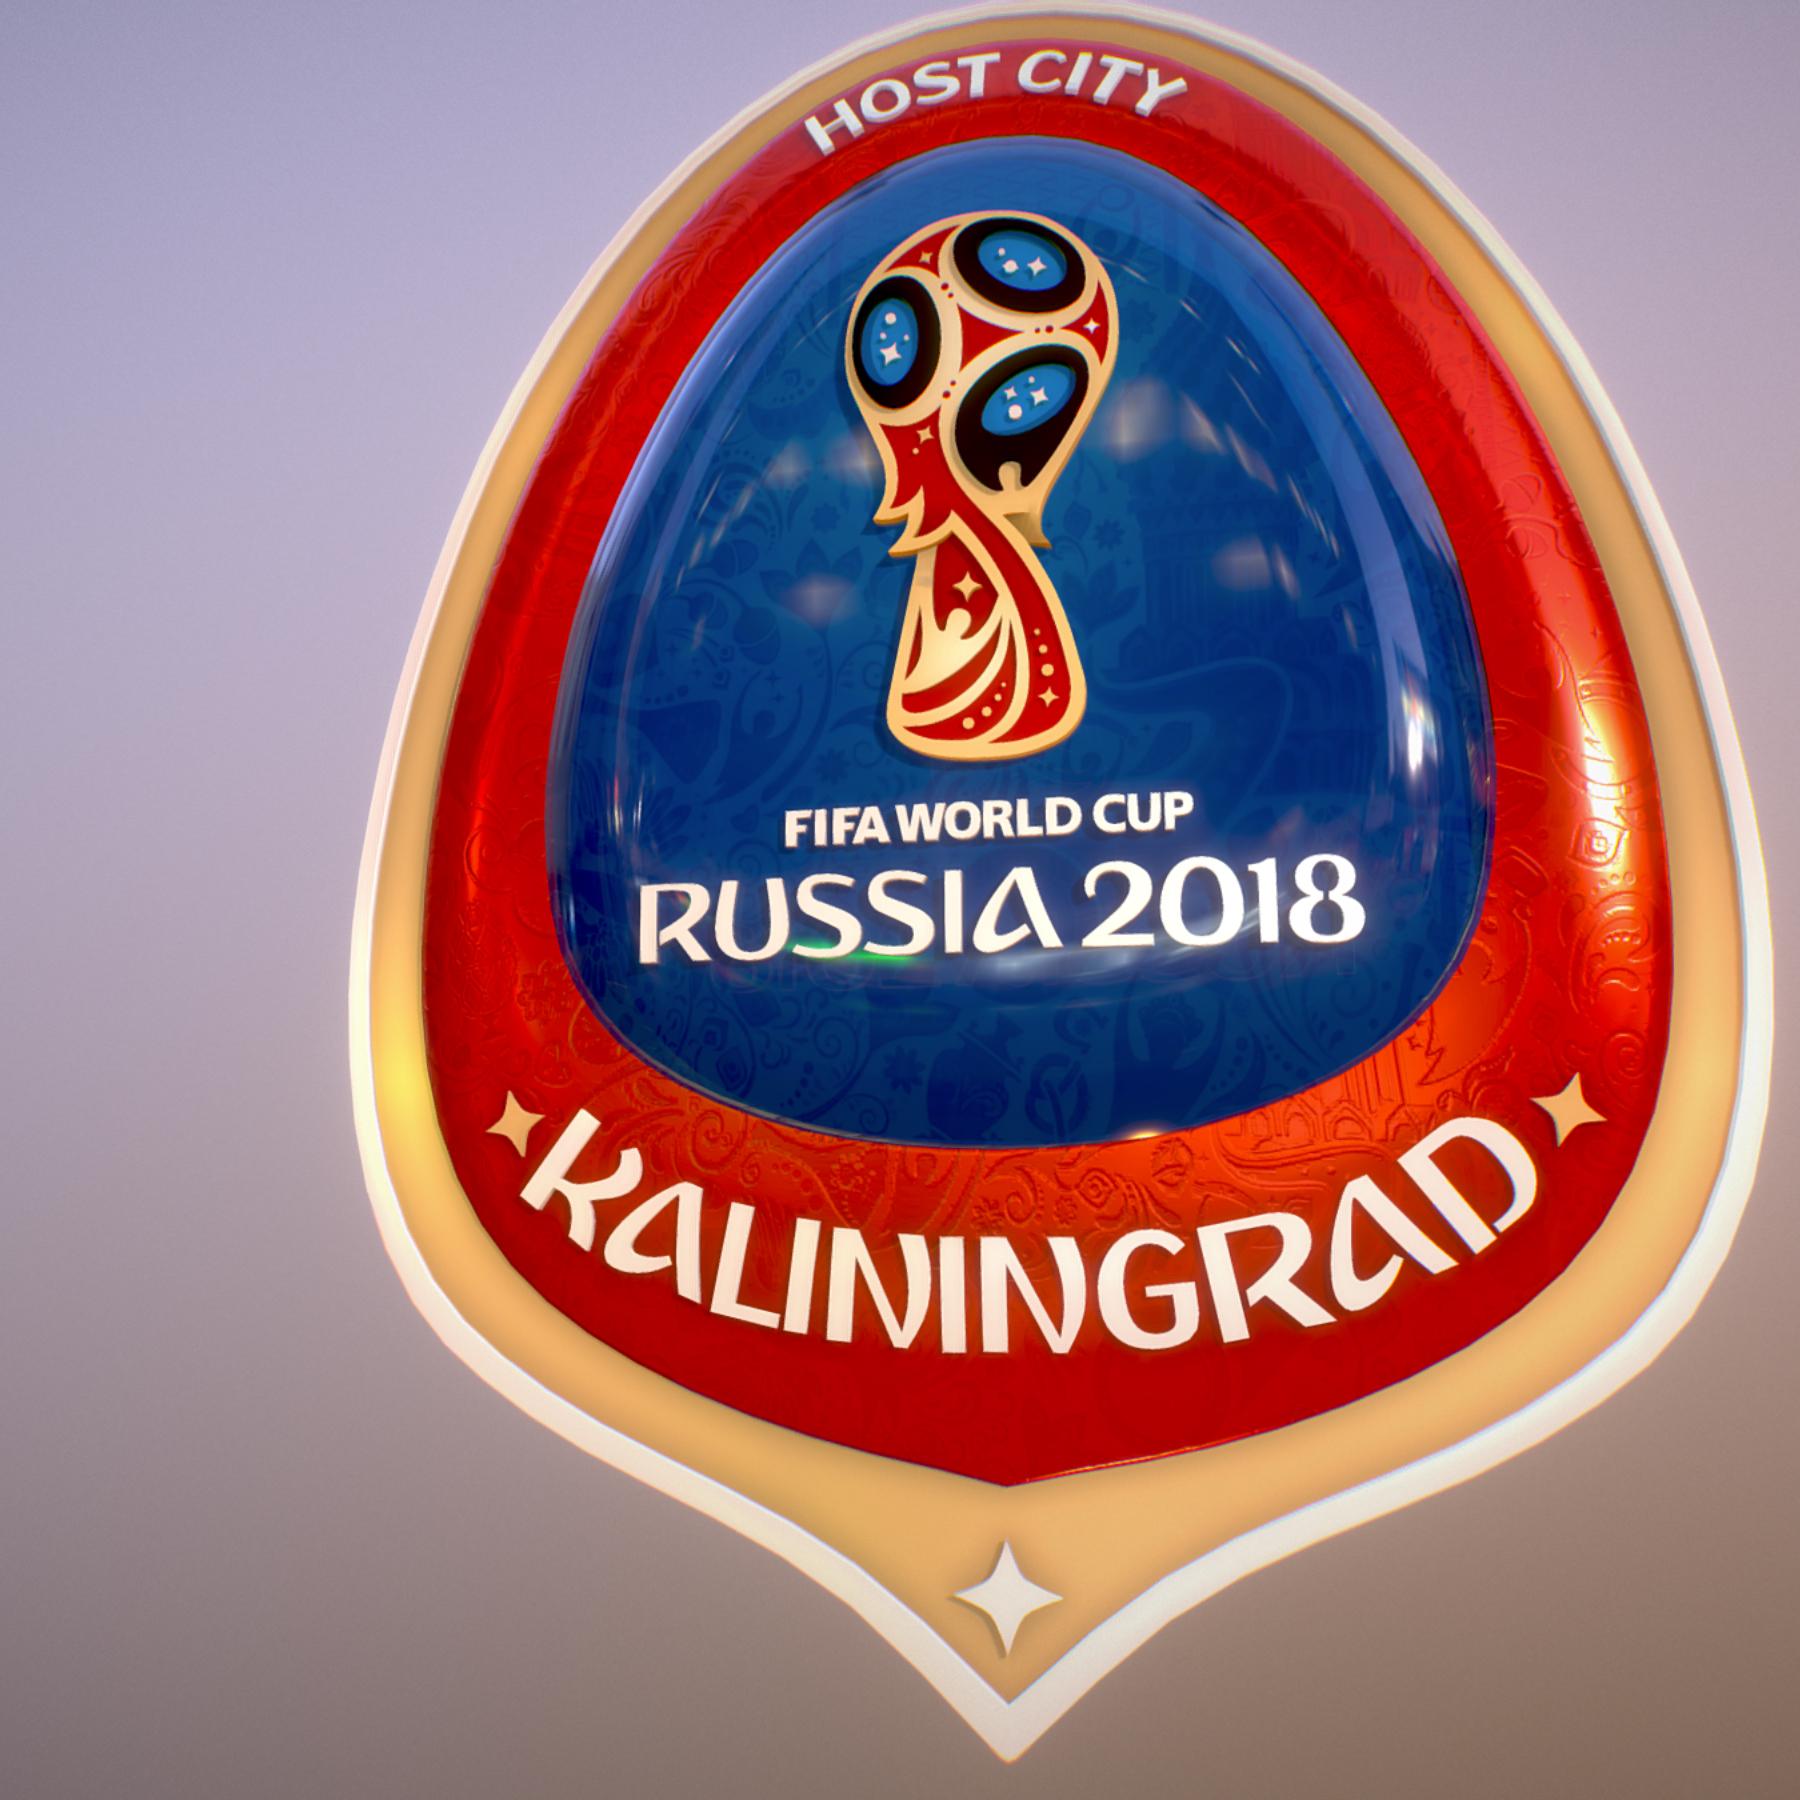 Kaliningrad City World Cup Russia 2018 Symbol 3d model max 3ds max plugin fbx jpeg ma mb obj 271749